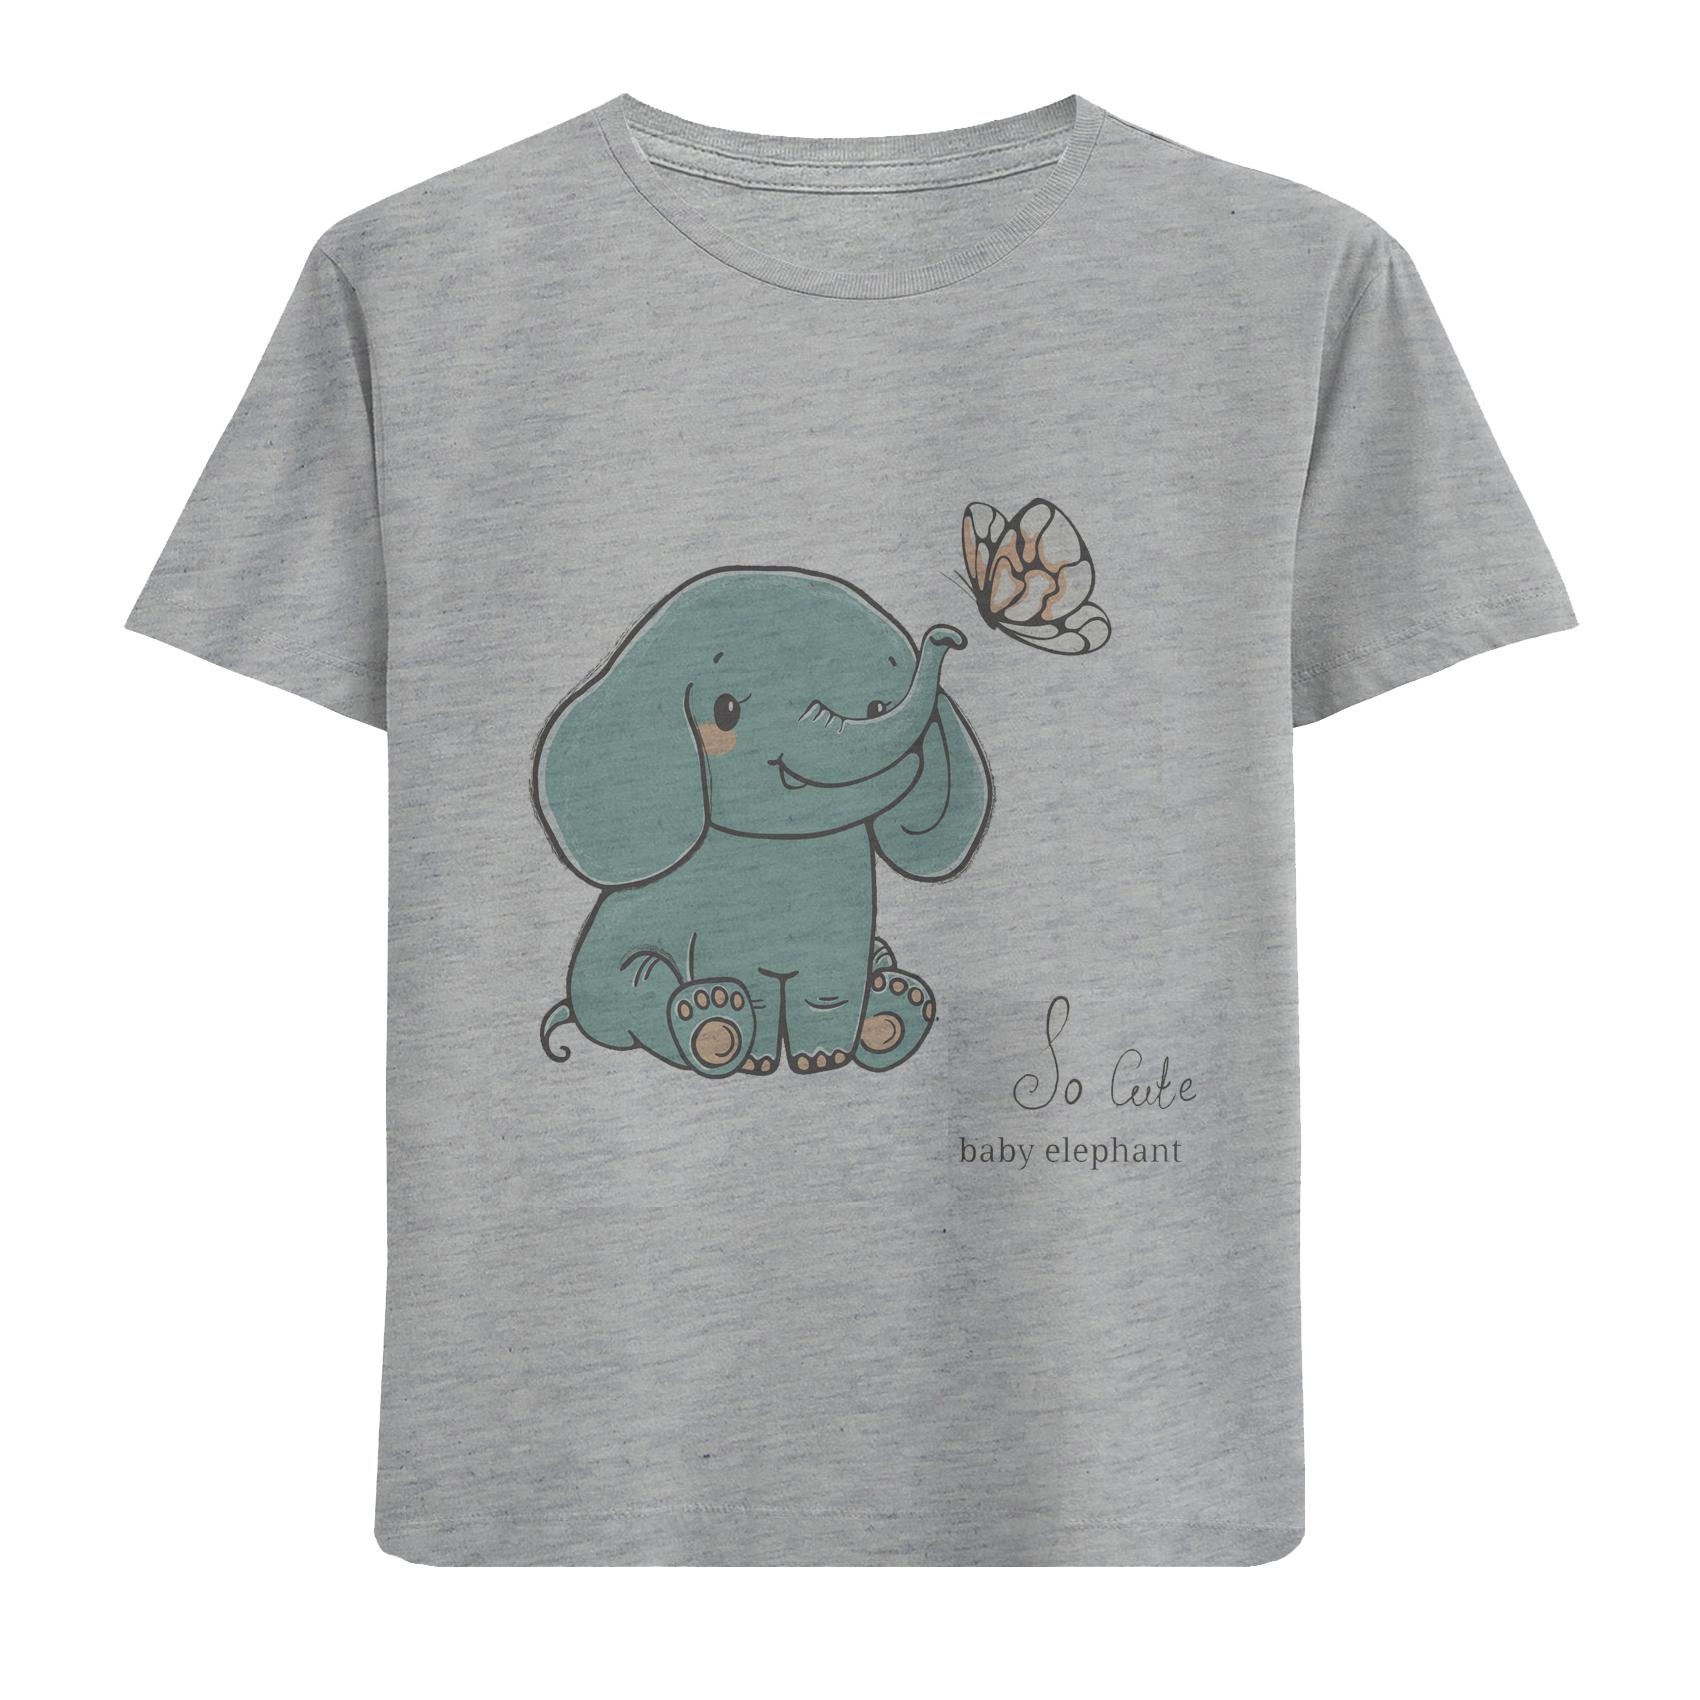 تی شرت آستین کوتاه دخترانه طرح فیل و پروانه کد F13 -  - 1